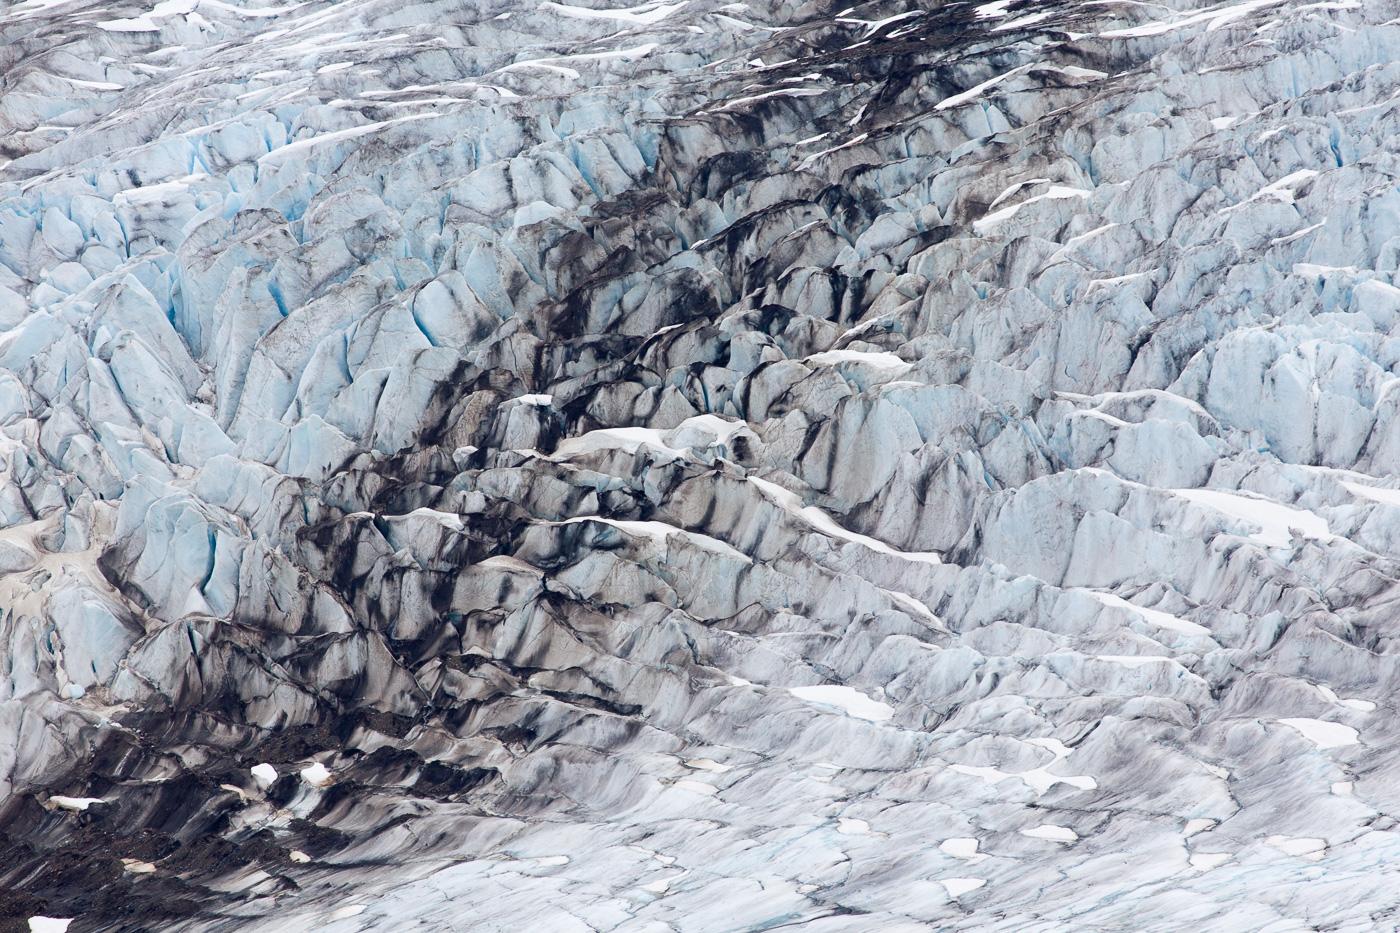 Laksebræ eller Salmon Glacier